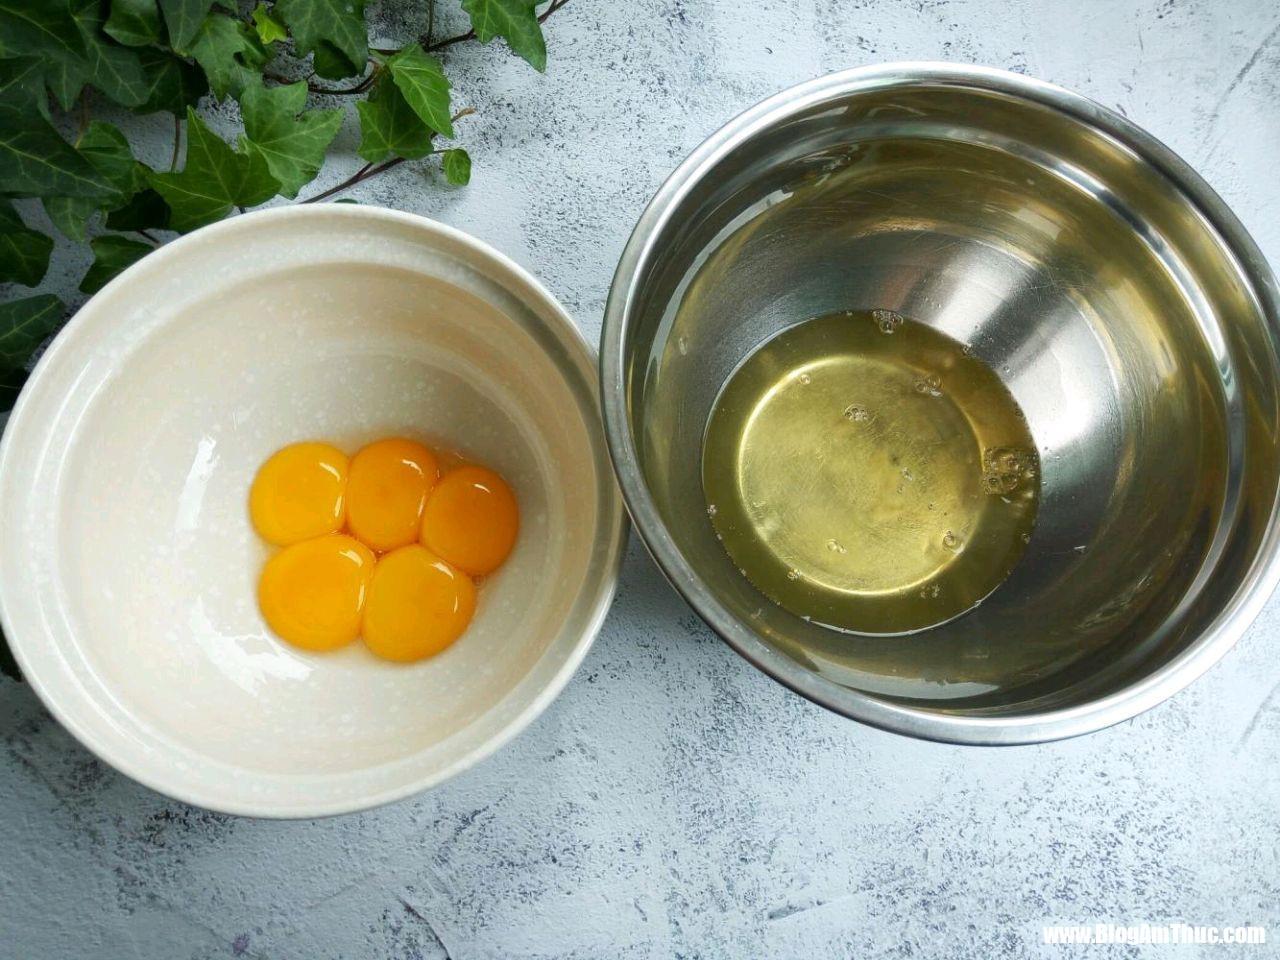 yuan5083f37999801b894a3c6edab2d2848a 15472942414631790101054 Bánh bông lan thơm và bùi khi nướng cùng hạt vừng